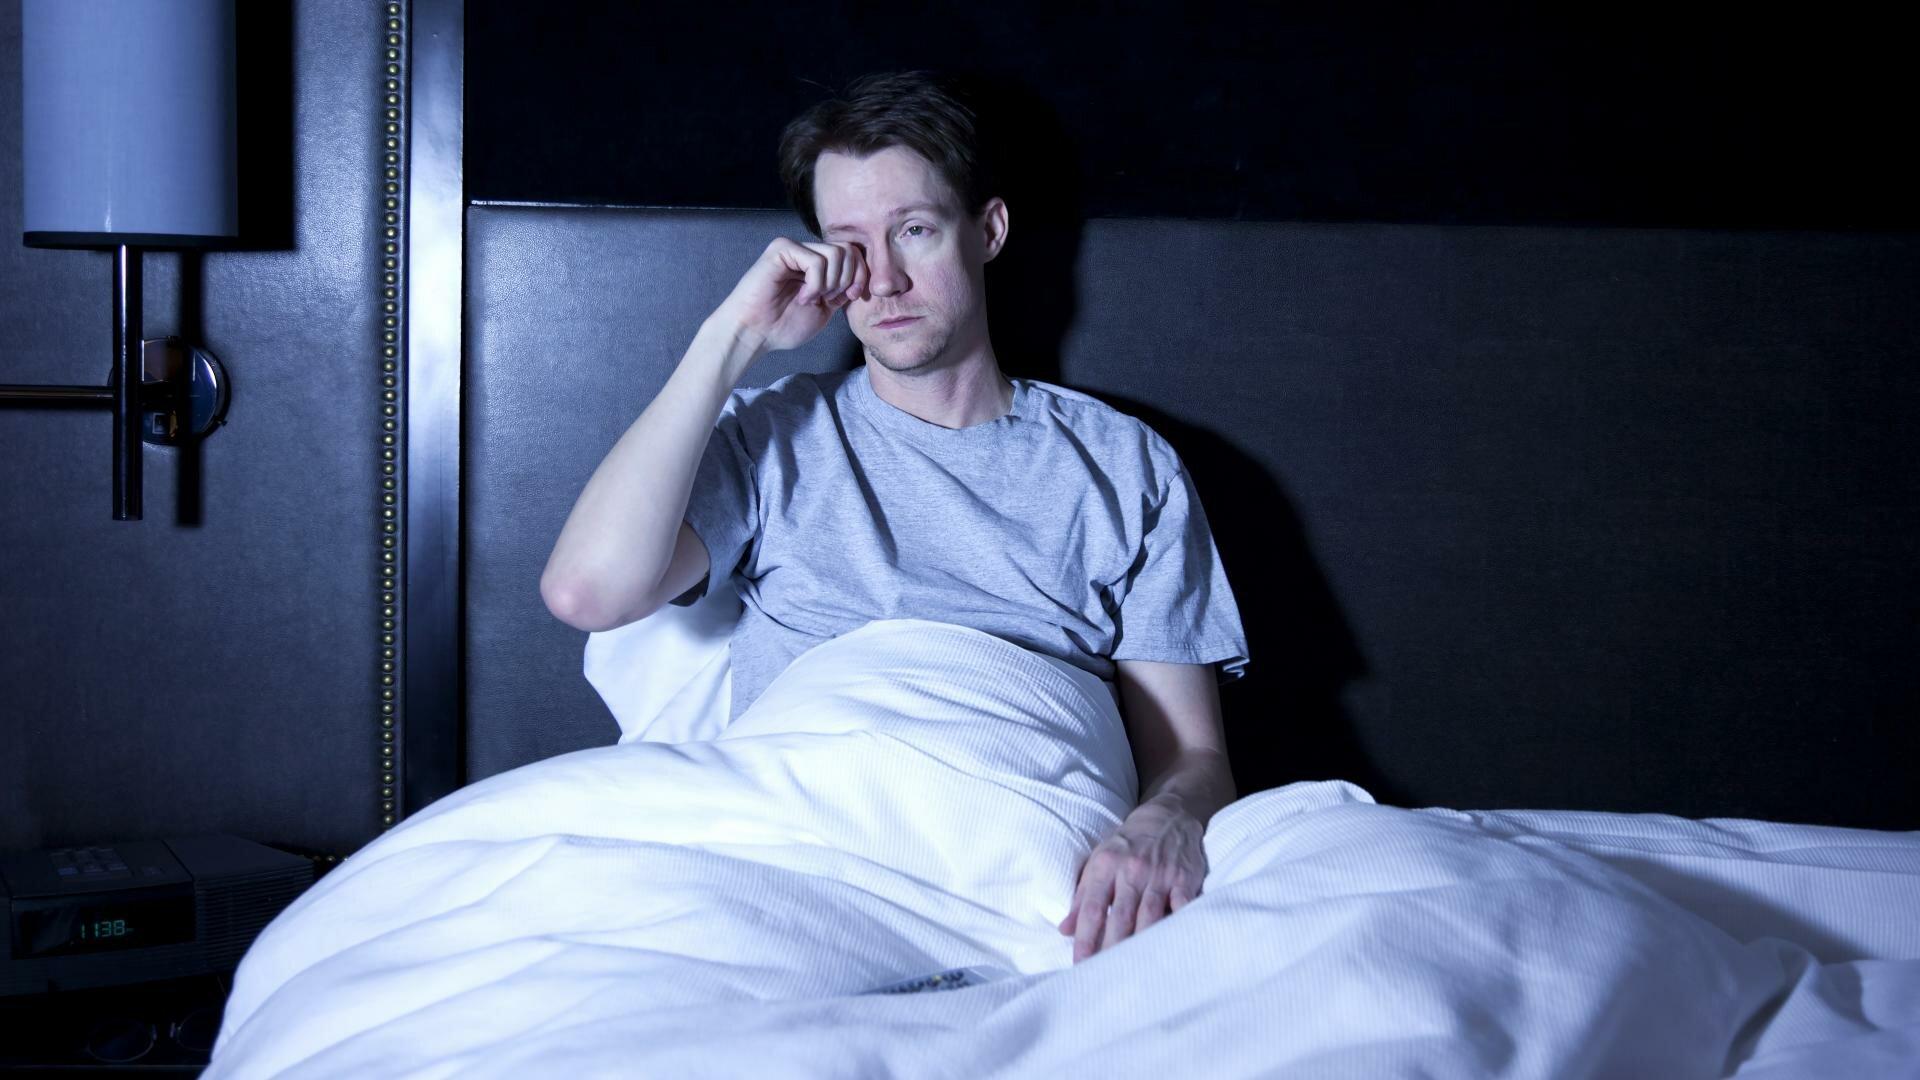 Какие «безобидные» привычки значительно сокращают нашу жизнь